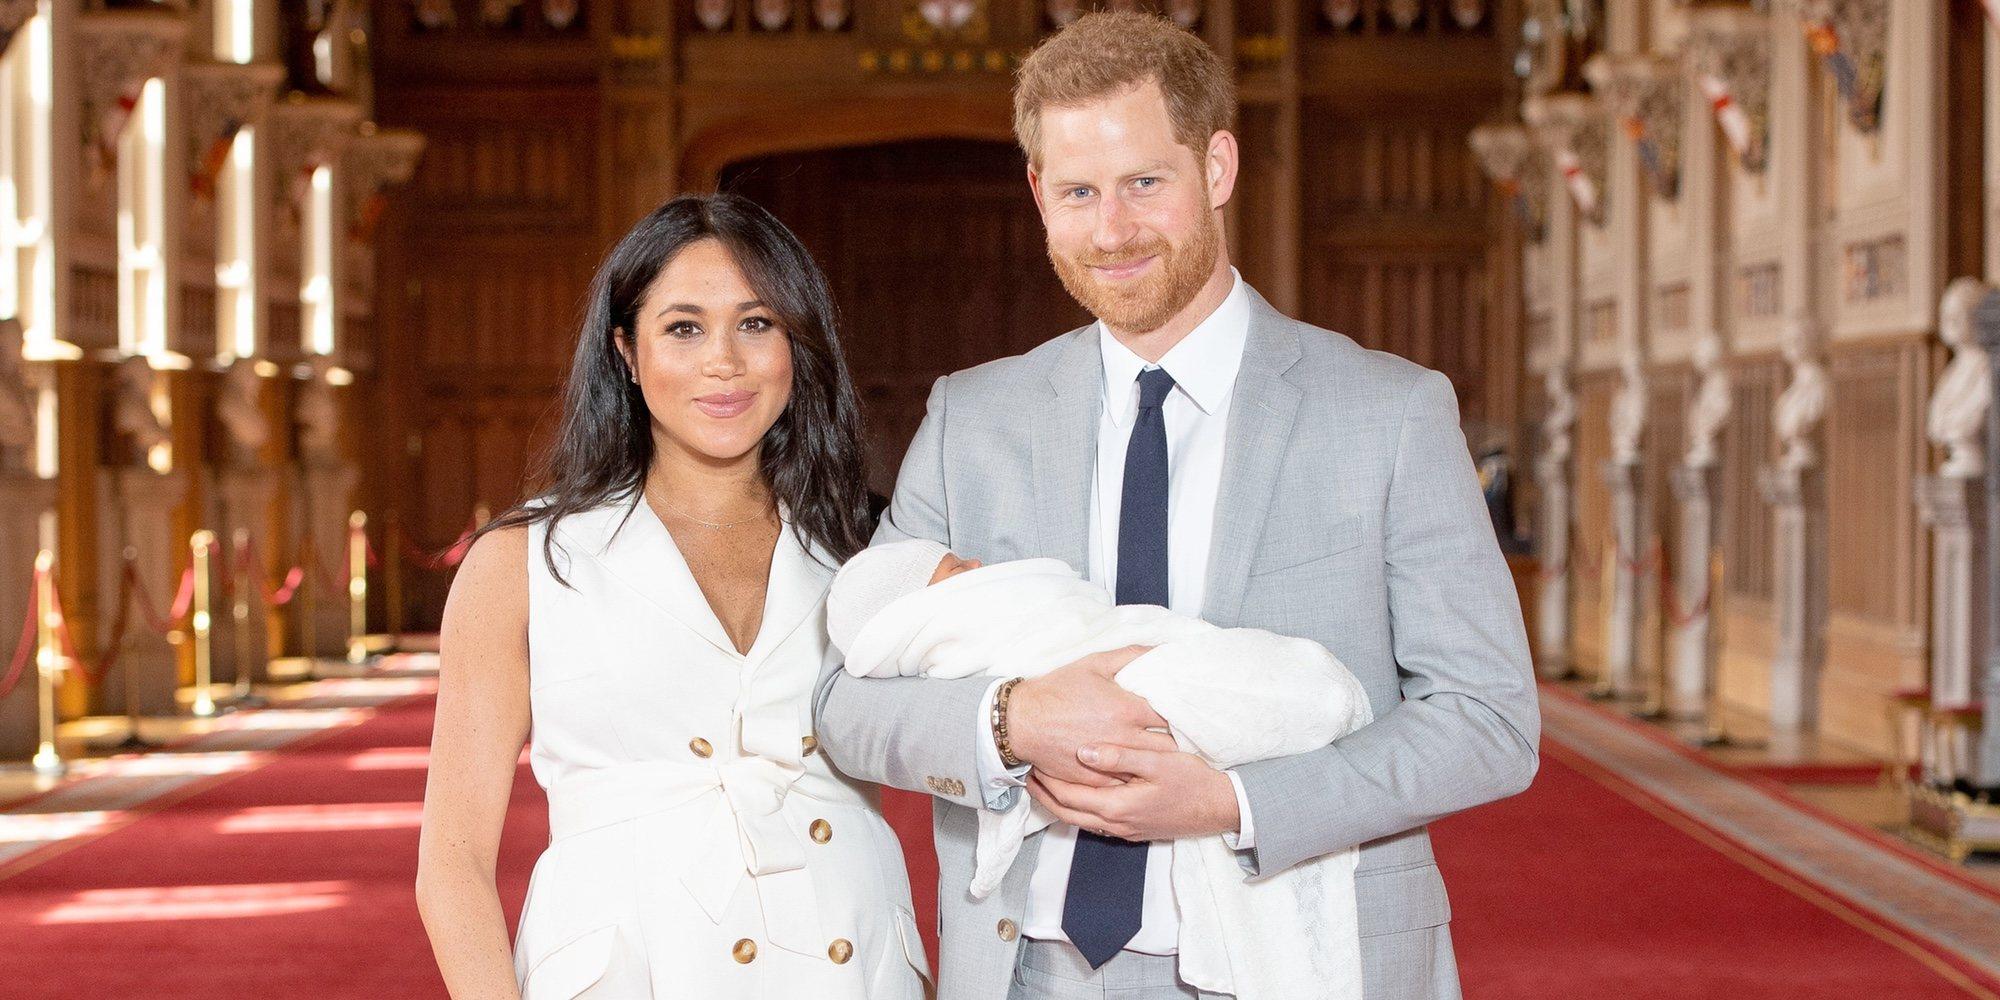 La importante decisión del Príncipe Harry y Meghan Markle sobre la vida de su hijo Archie Harrison